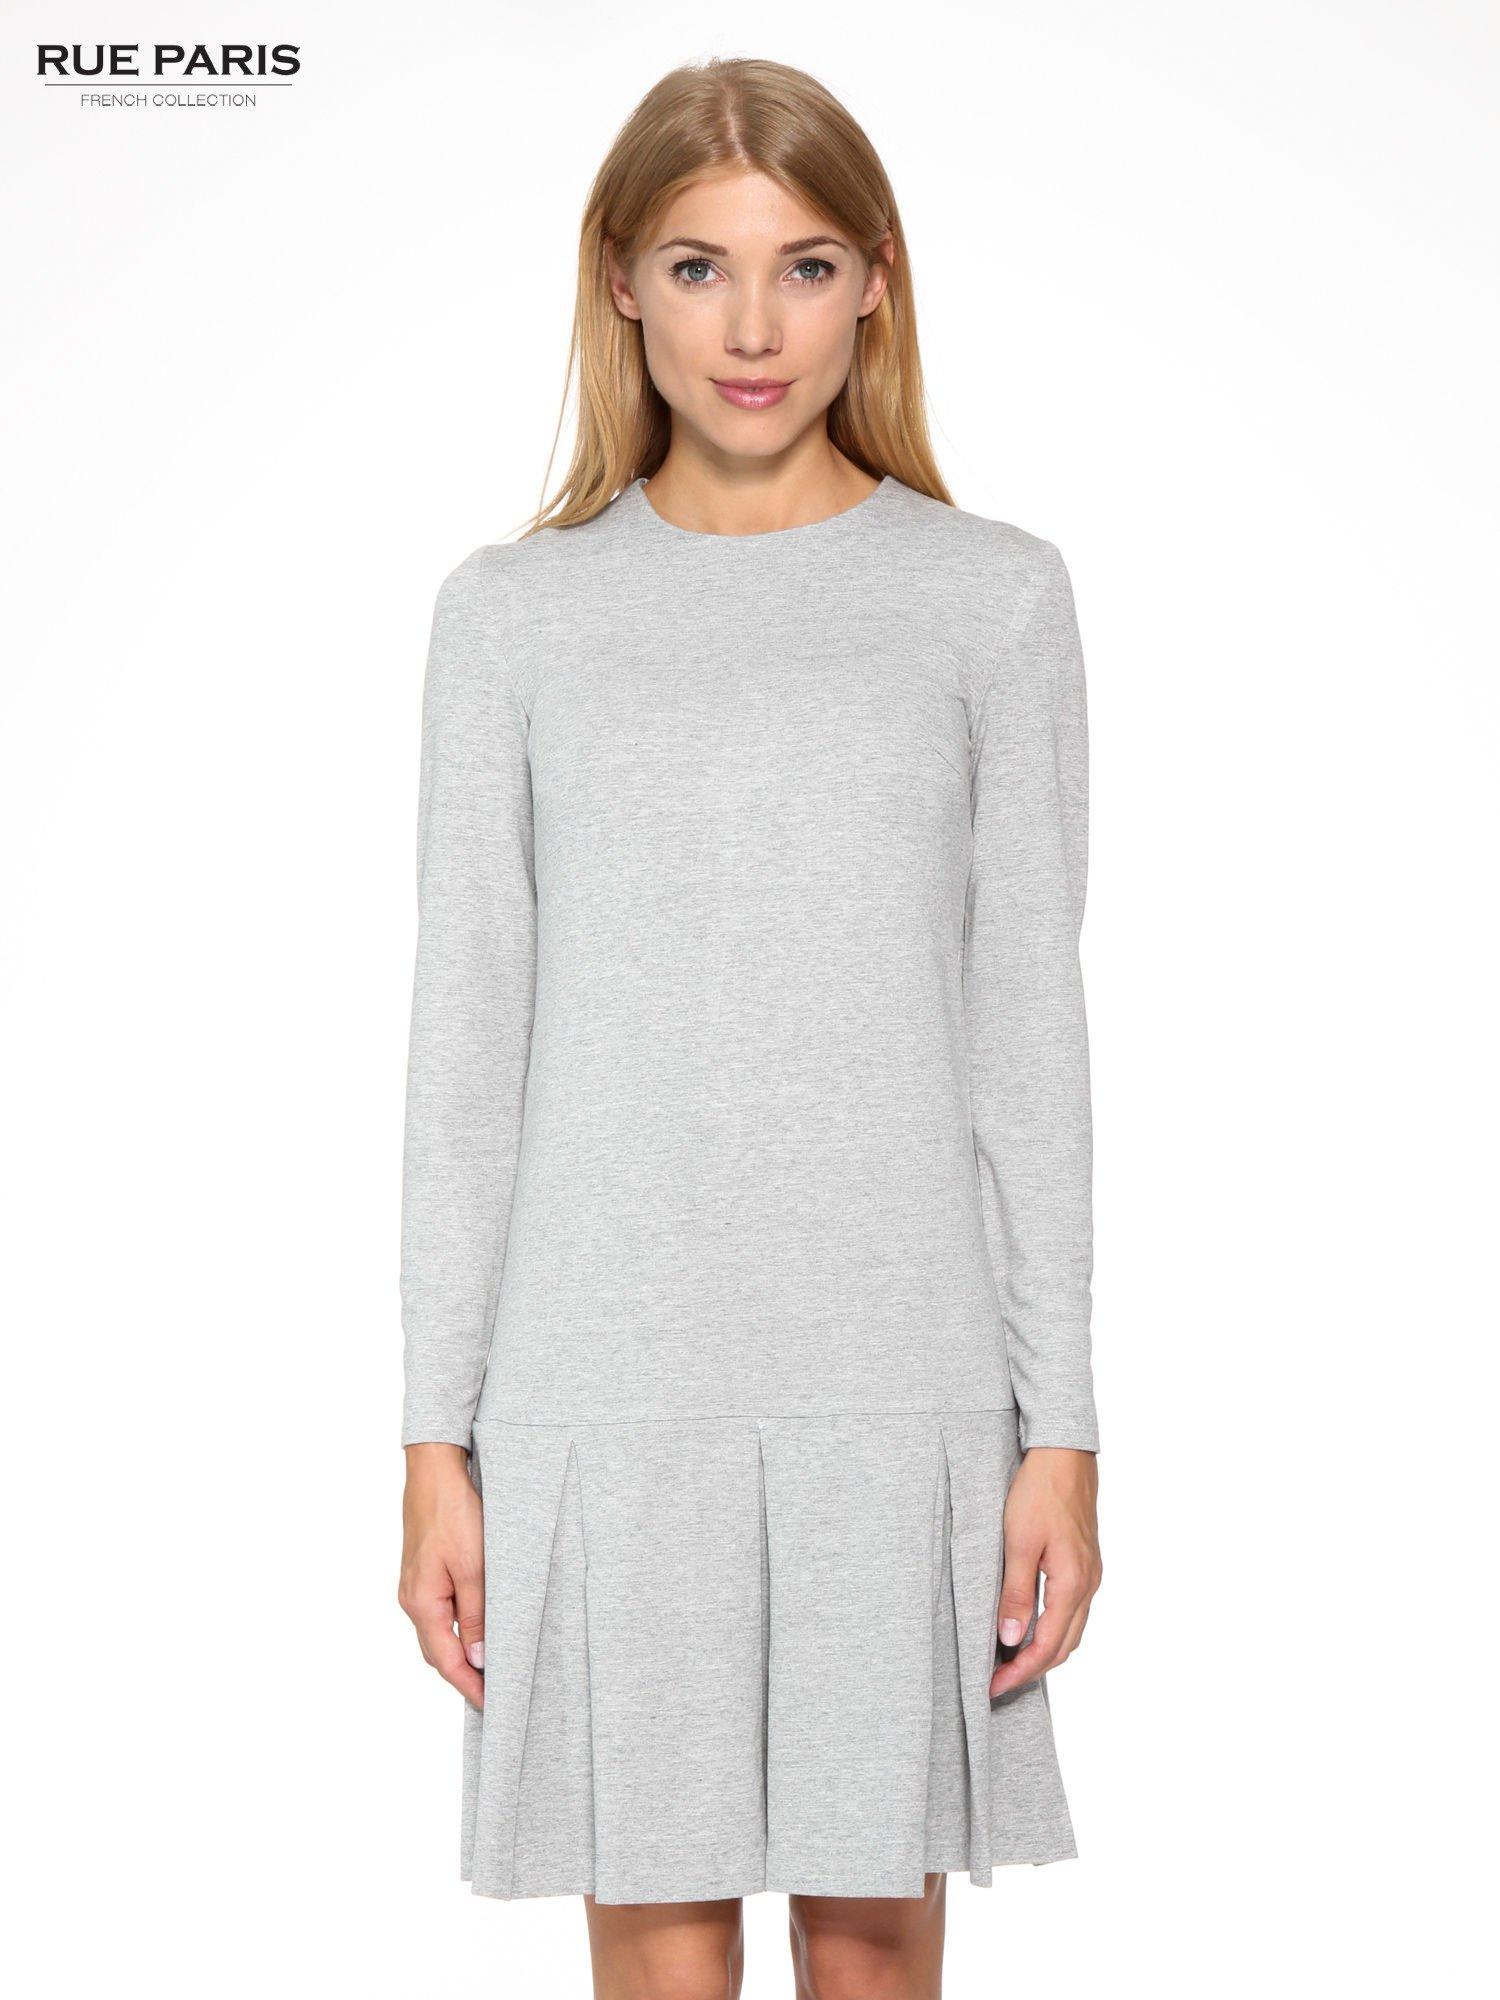 Szara dresowa sukienka z obniżoną talią i kontrafałdami                                  zdj.                                  1